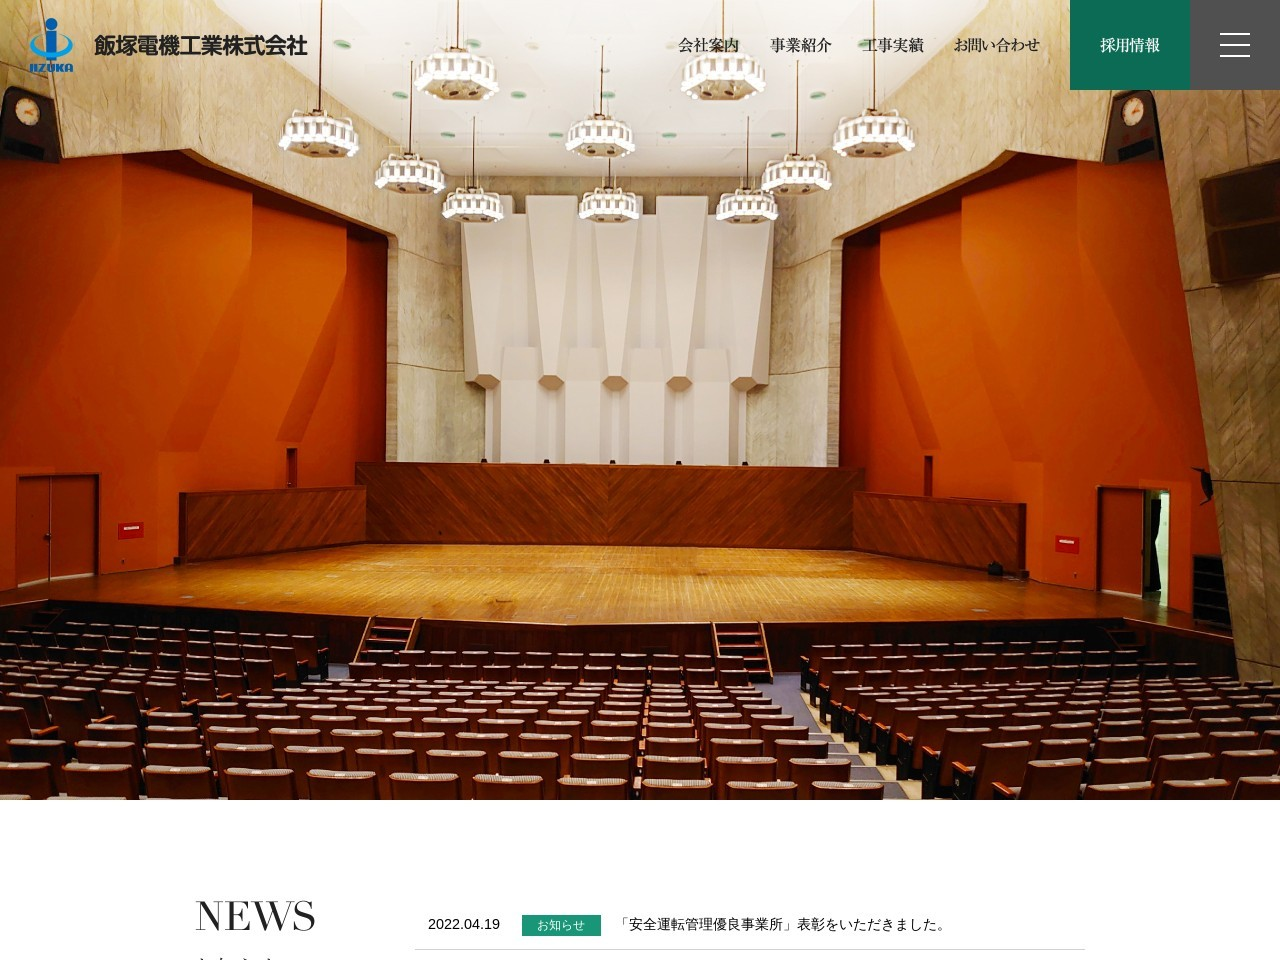 飯塚電機工業株式会社